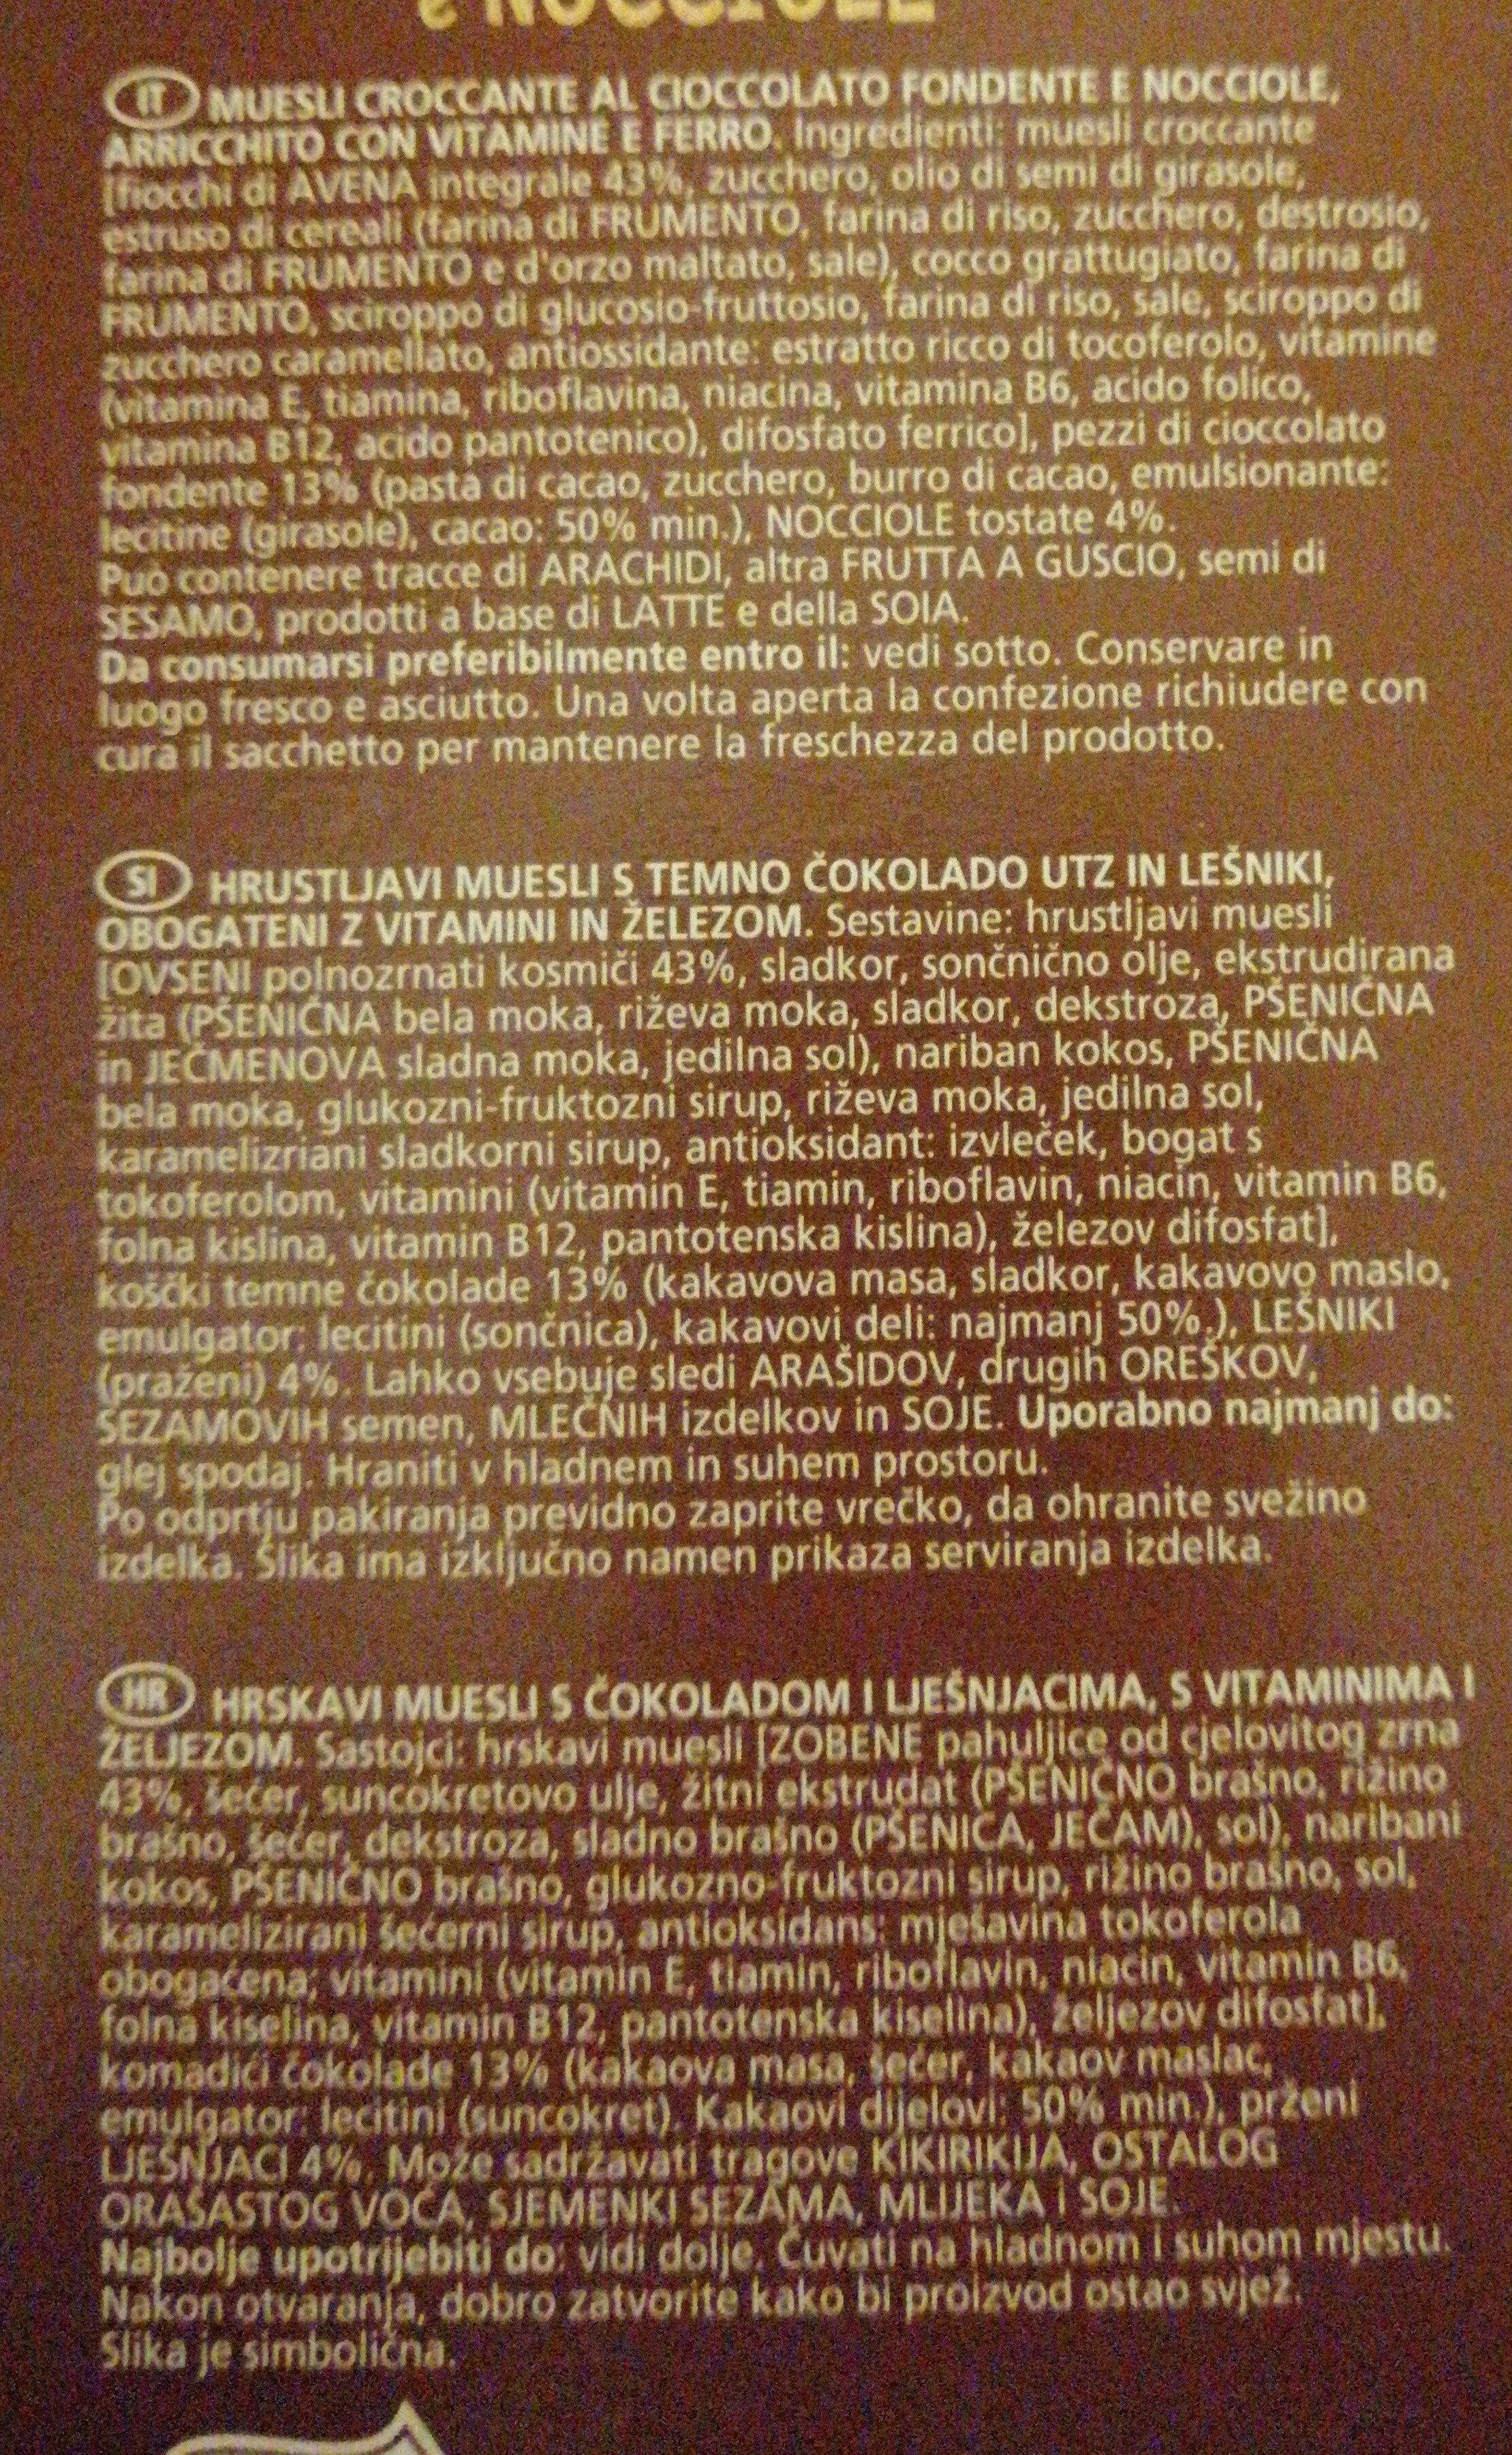 Muesli croccante al cioccolato e nocciole - Ingredients - fr